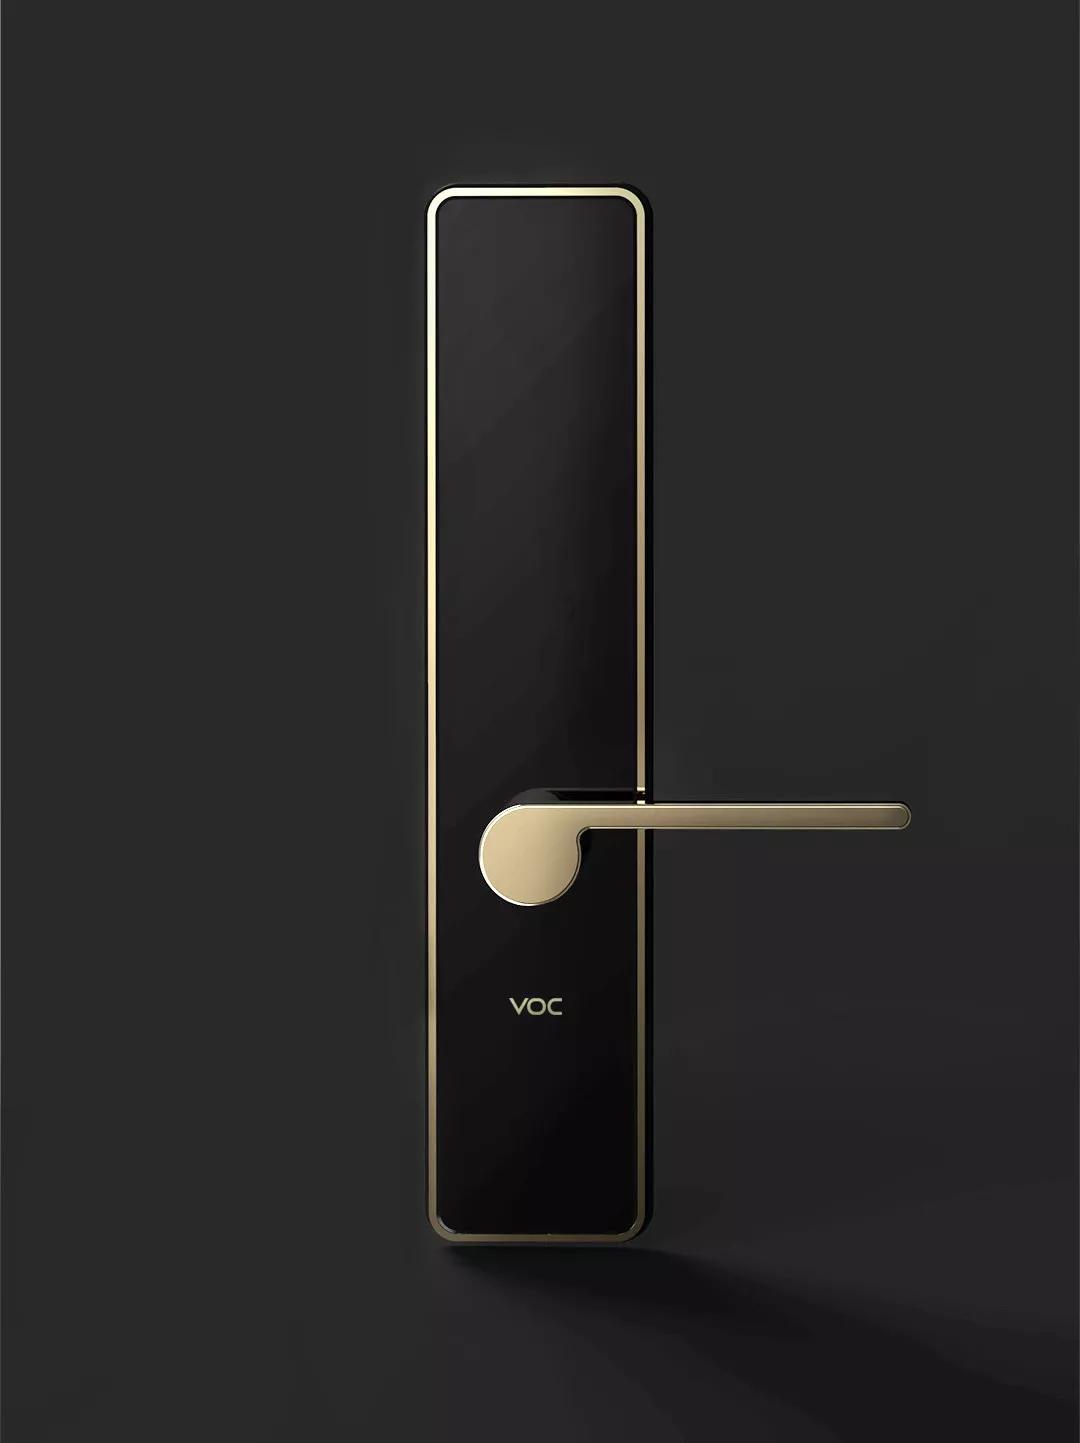 屏下指纹|重磅来袭!VOC首款屏下指纹智能锁,开启行业新时代